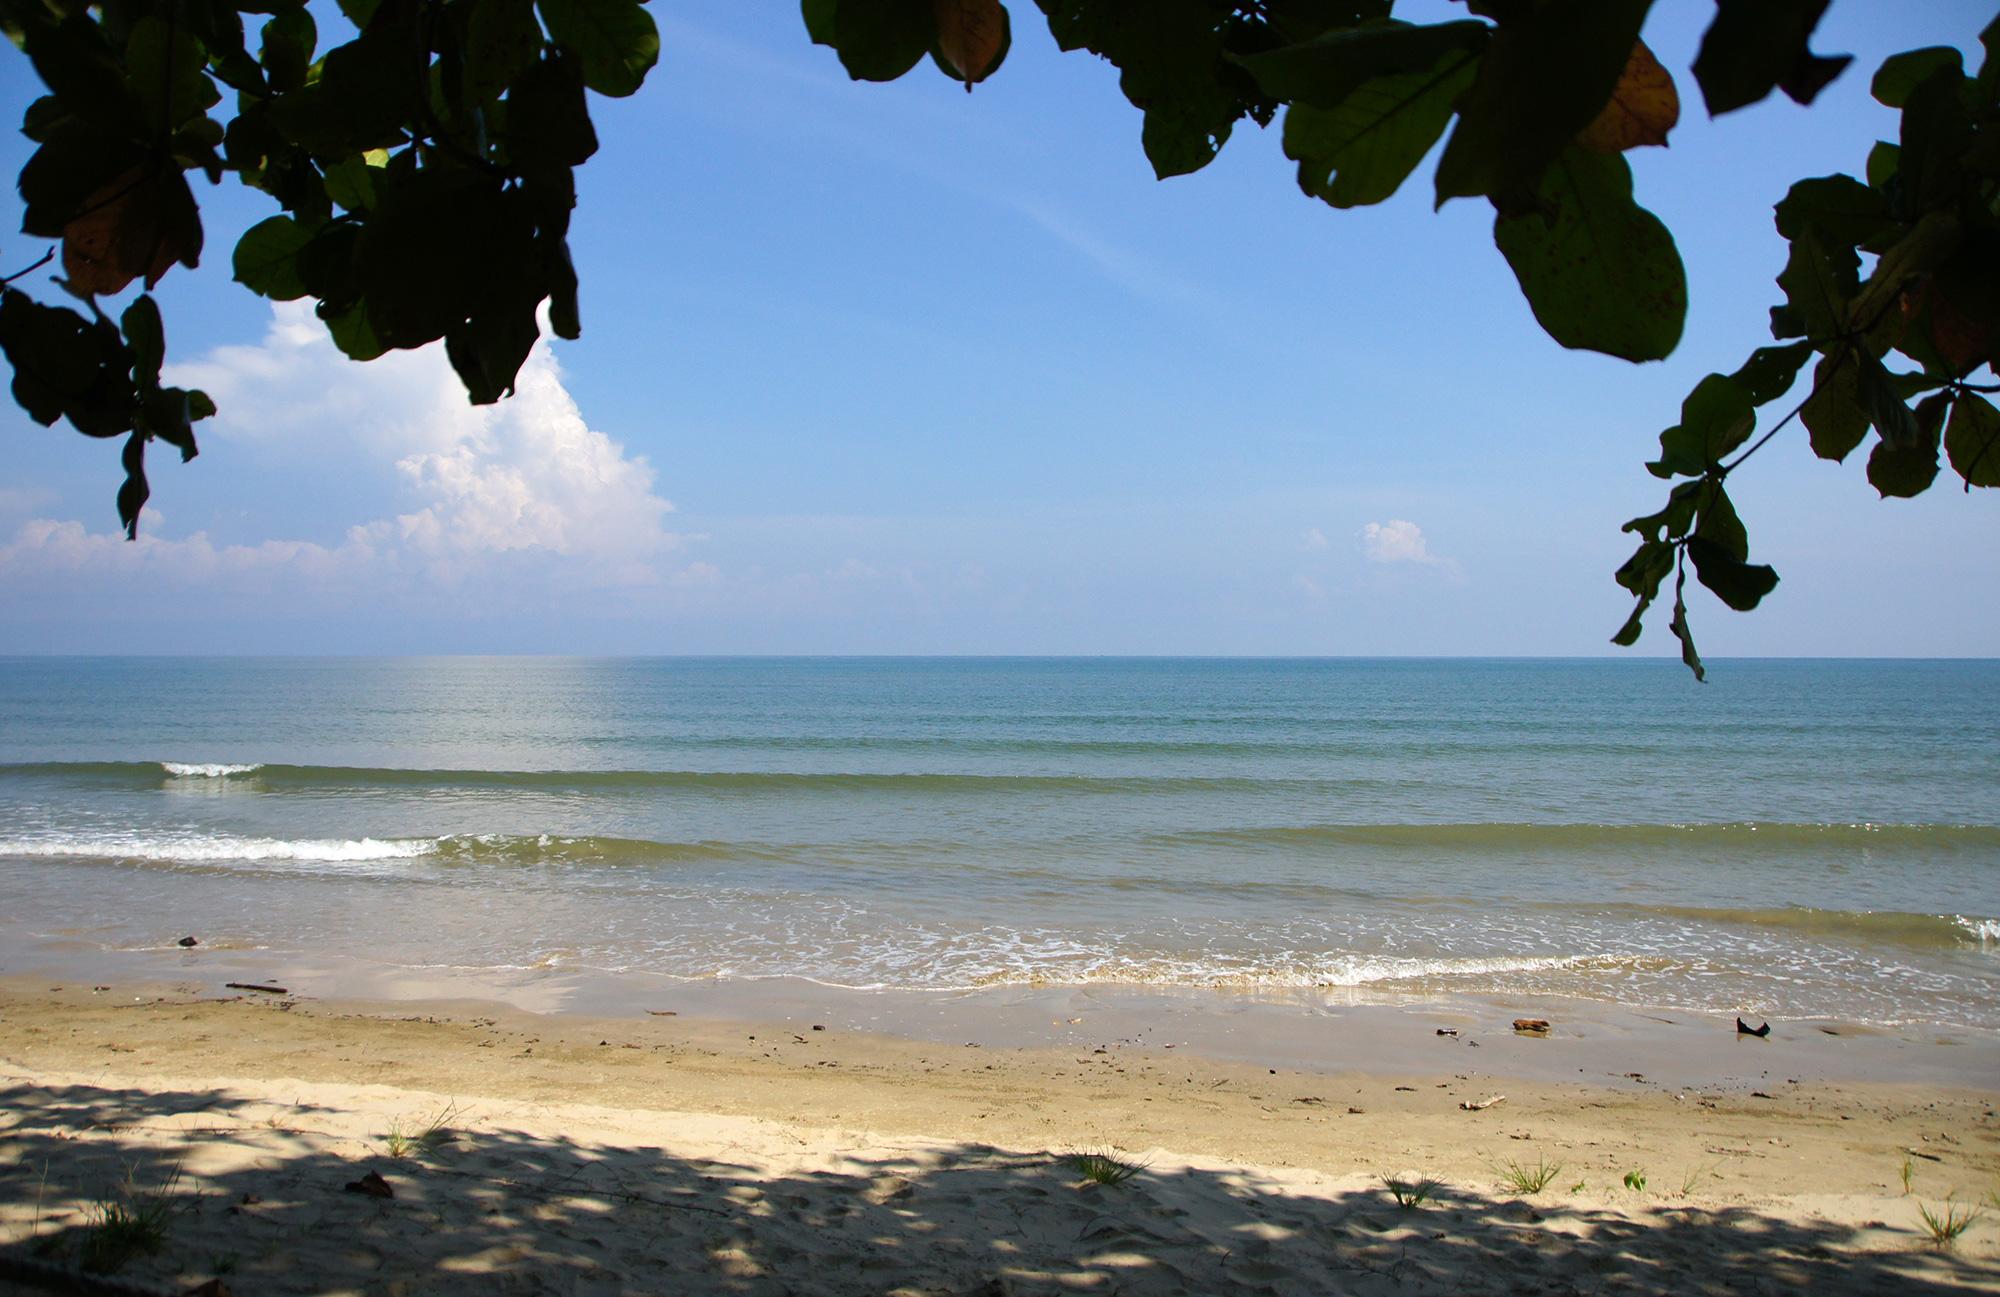 木陰から見る海のフリー写真素材